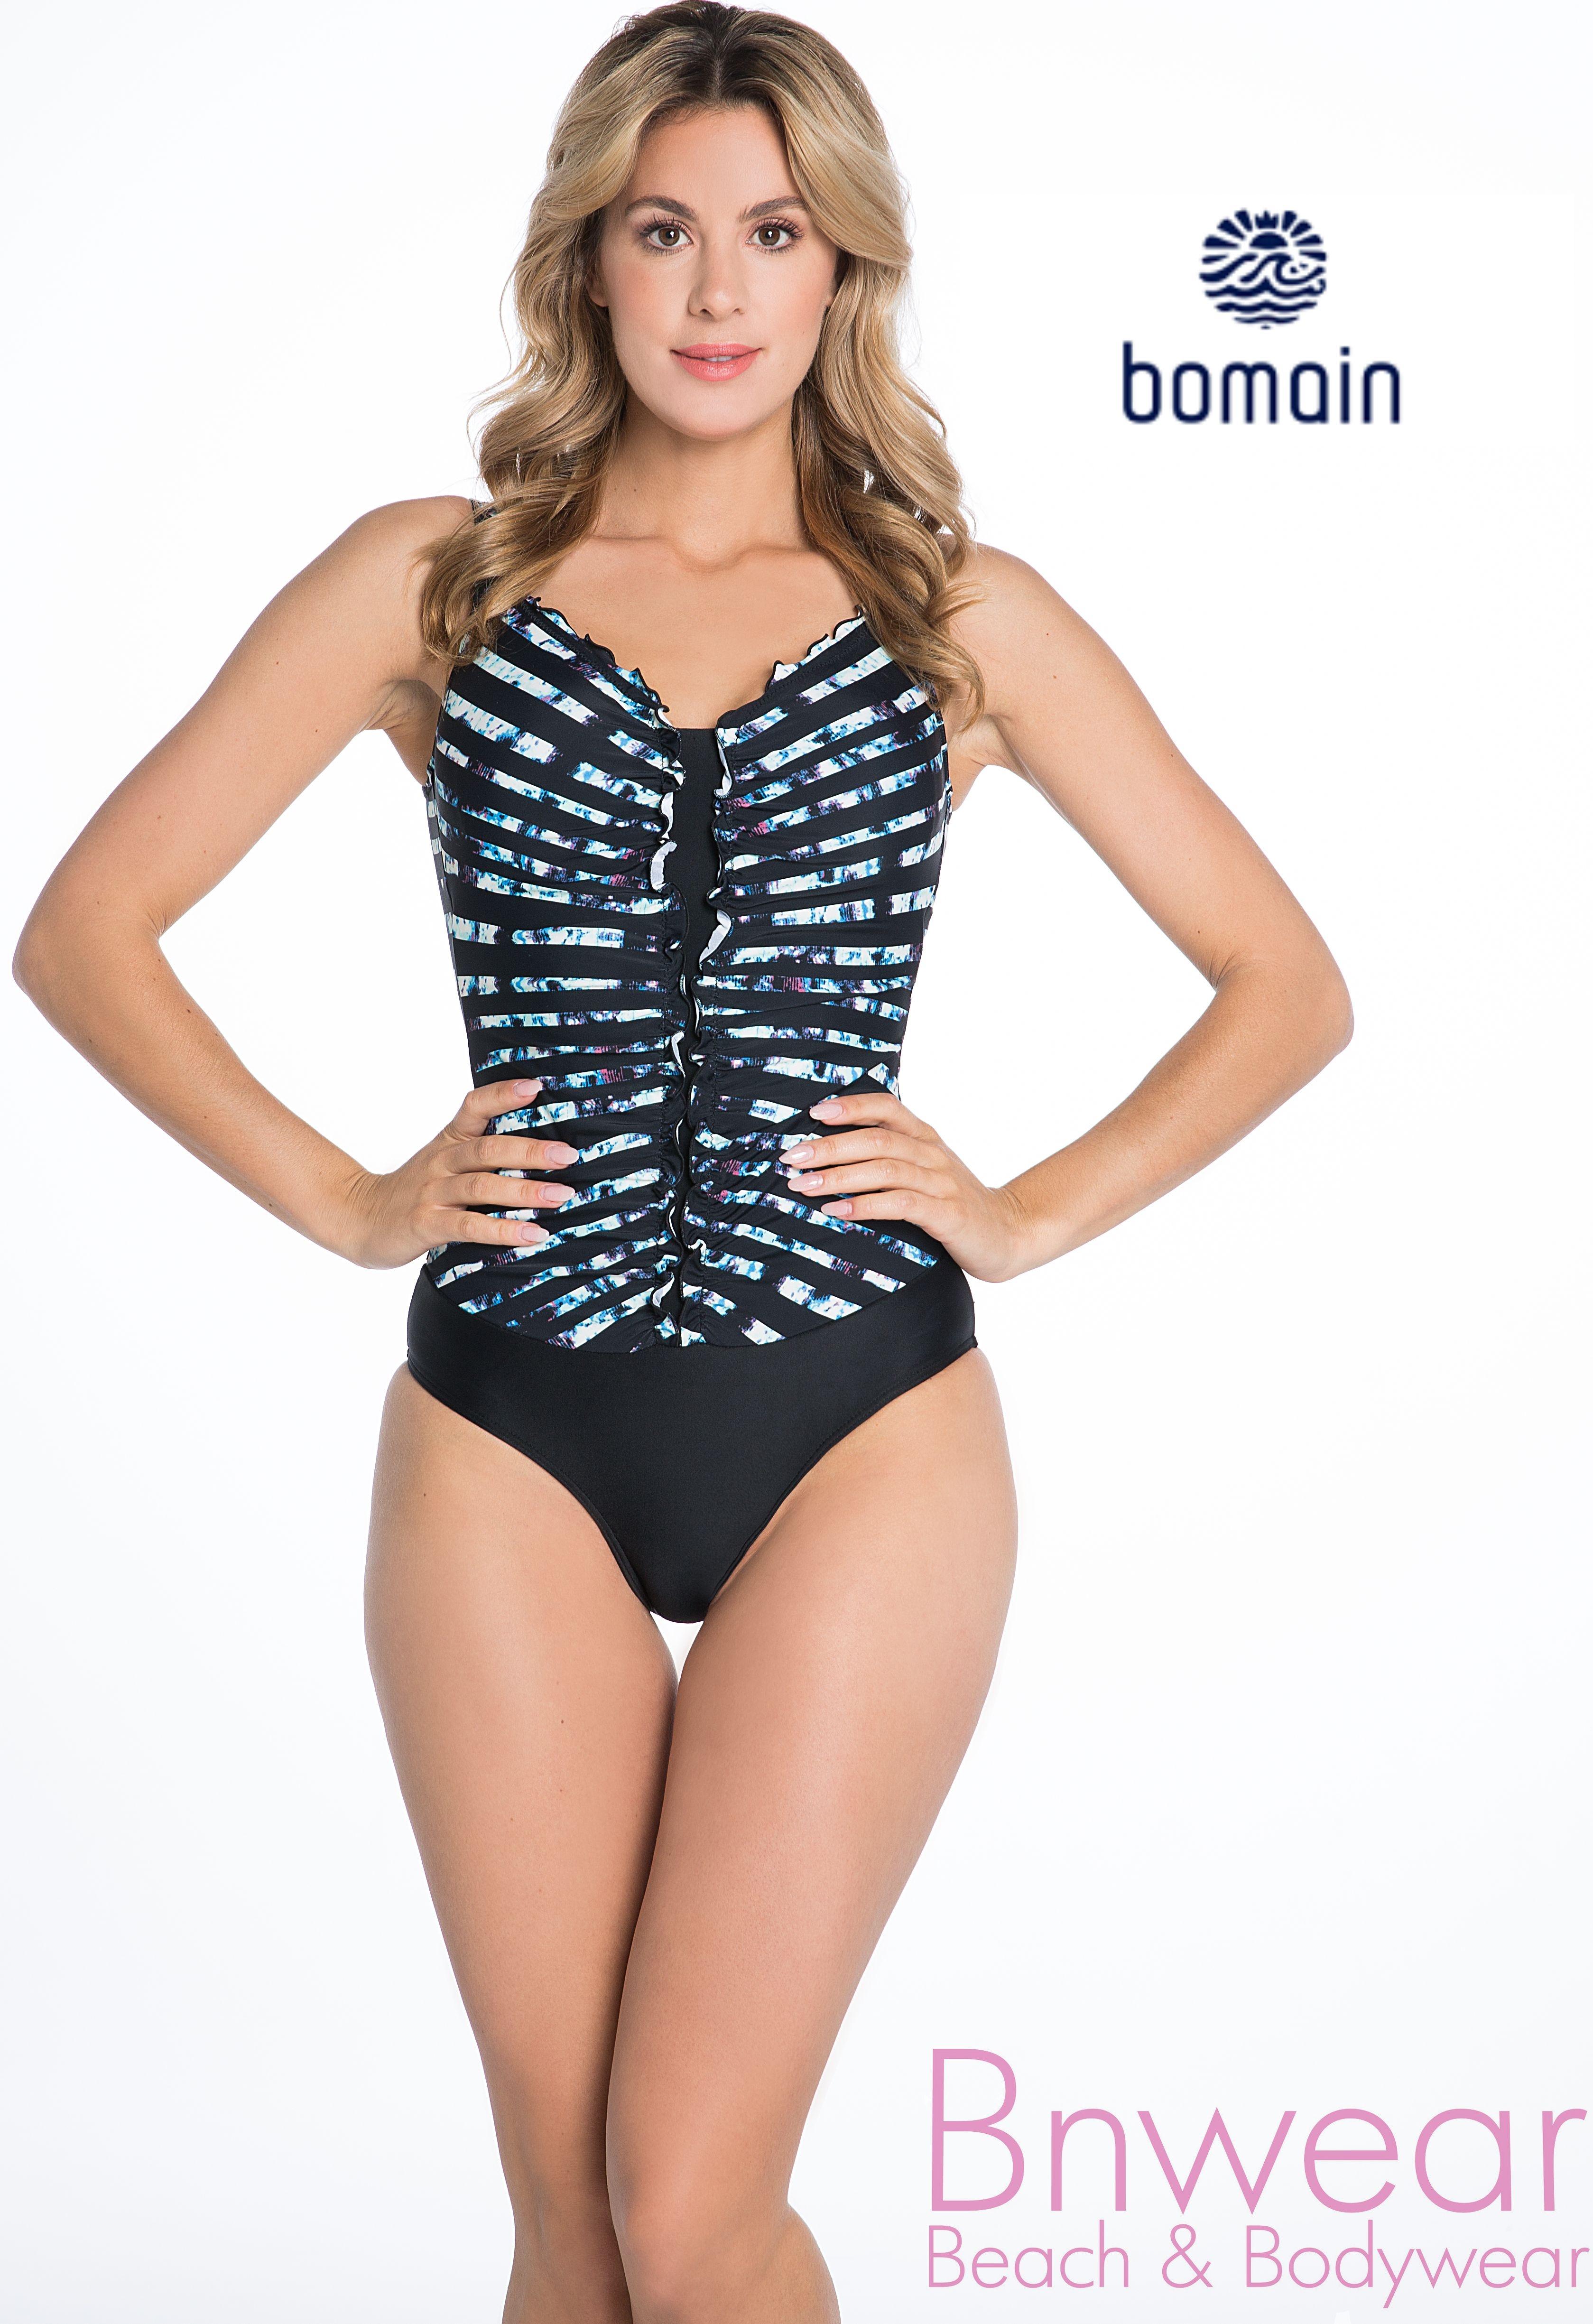 Bomain badpak 21015 40-48 in blue/black powernet